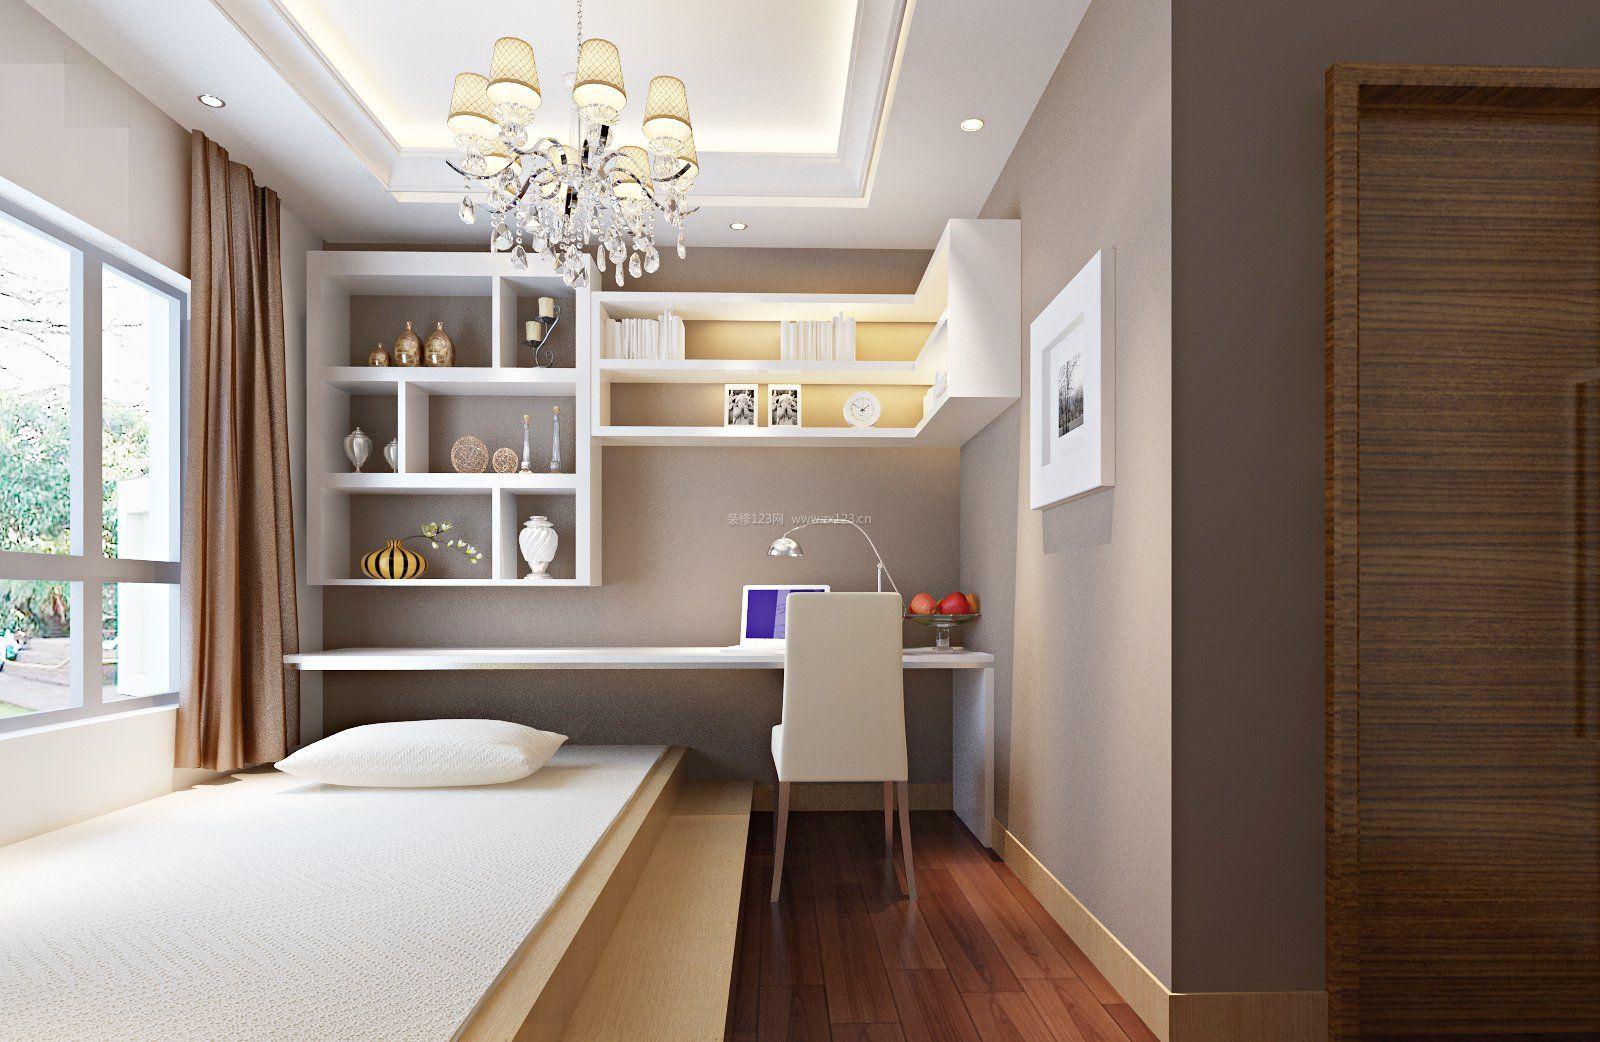 家装效果图 日式 房屋日式榻榻米书房装修设计图集 提供者